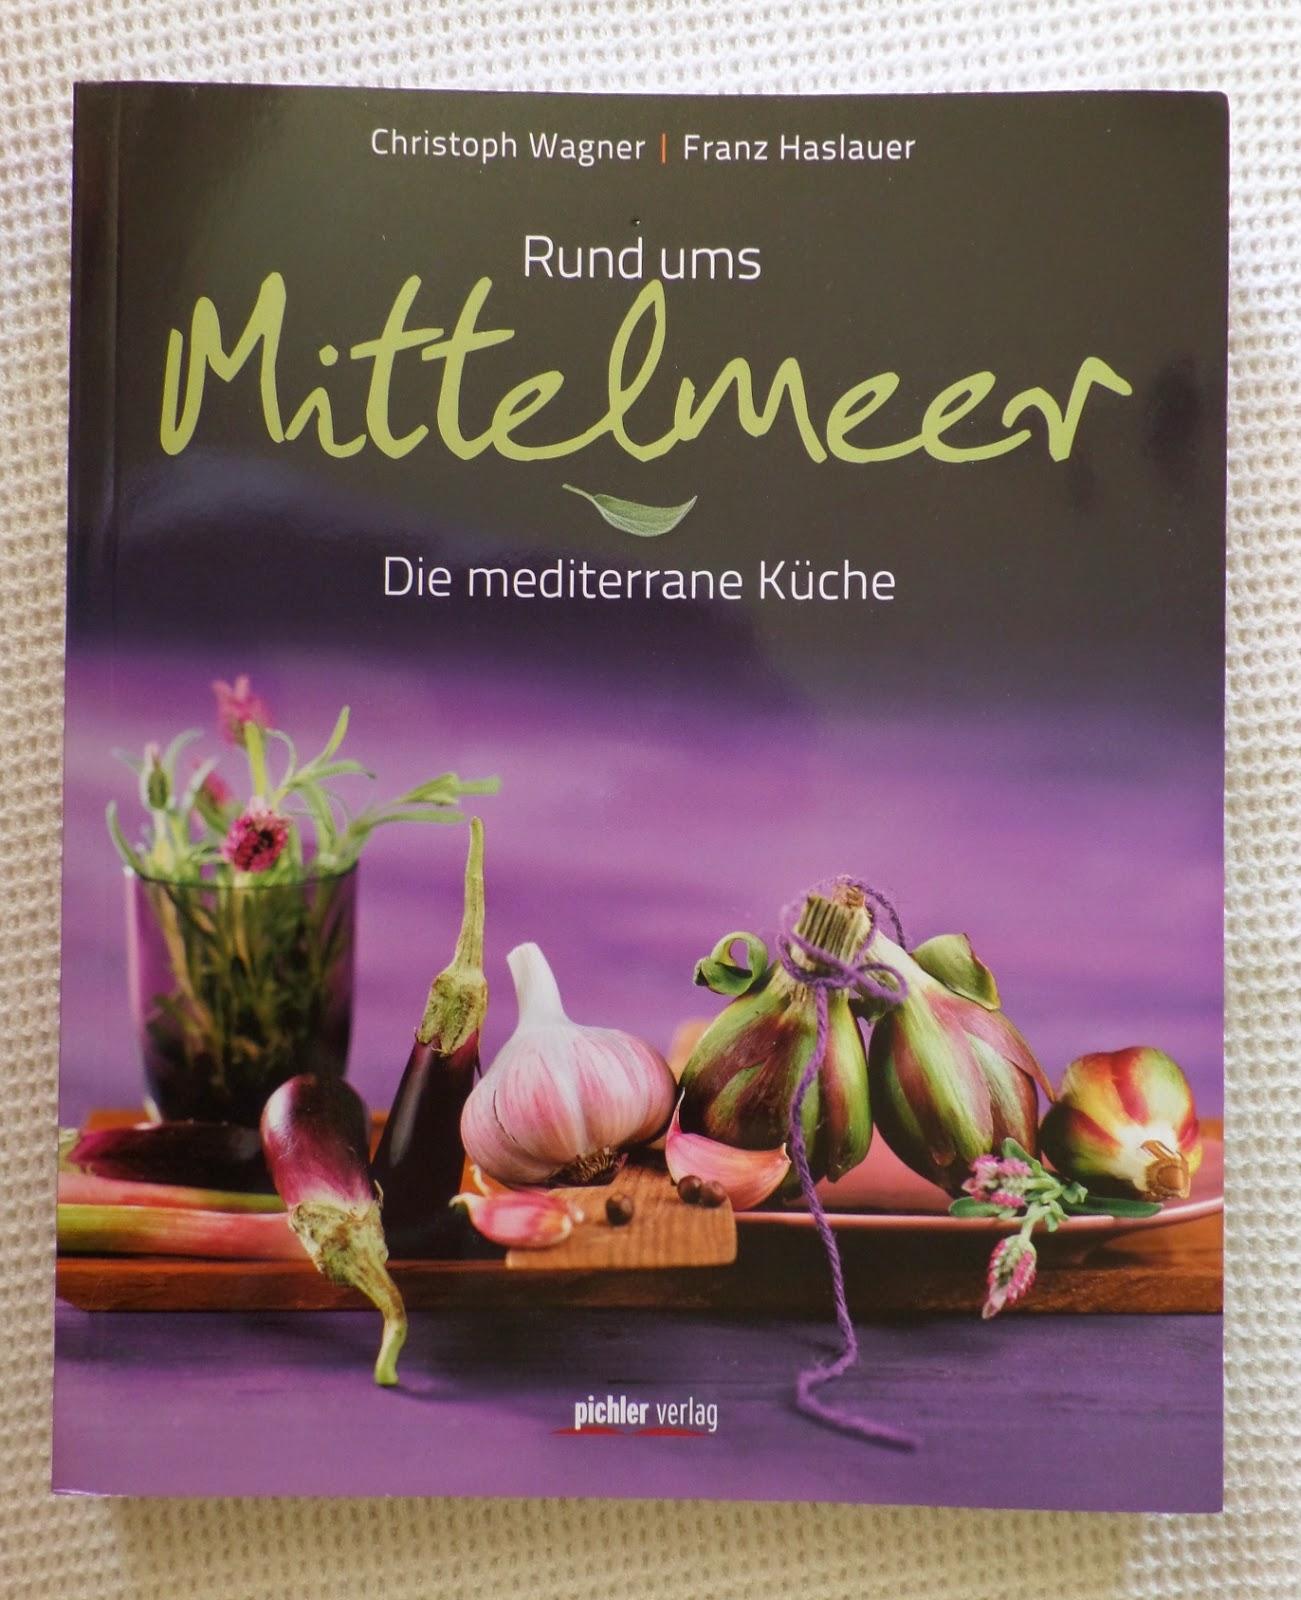 klusis wollfühlblog: rund ums mittelmeer - die mediterrane küche